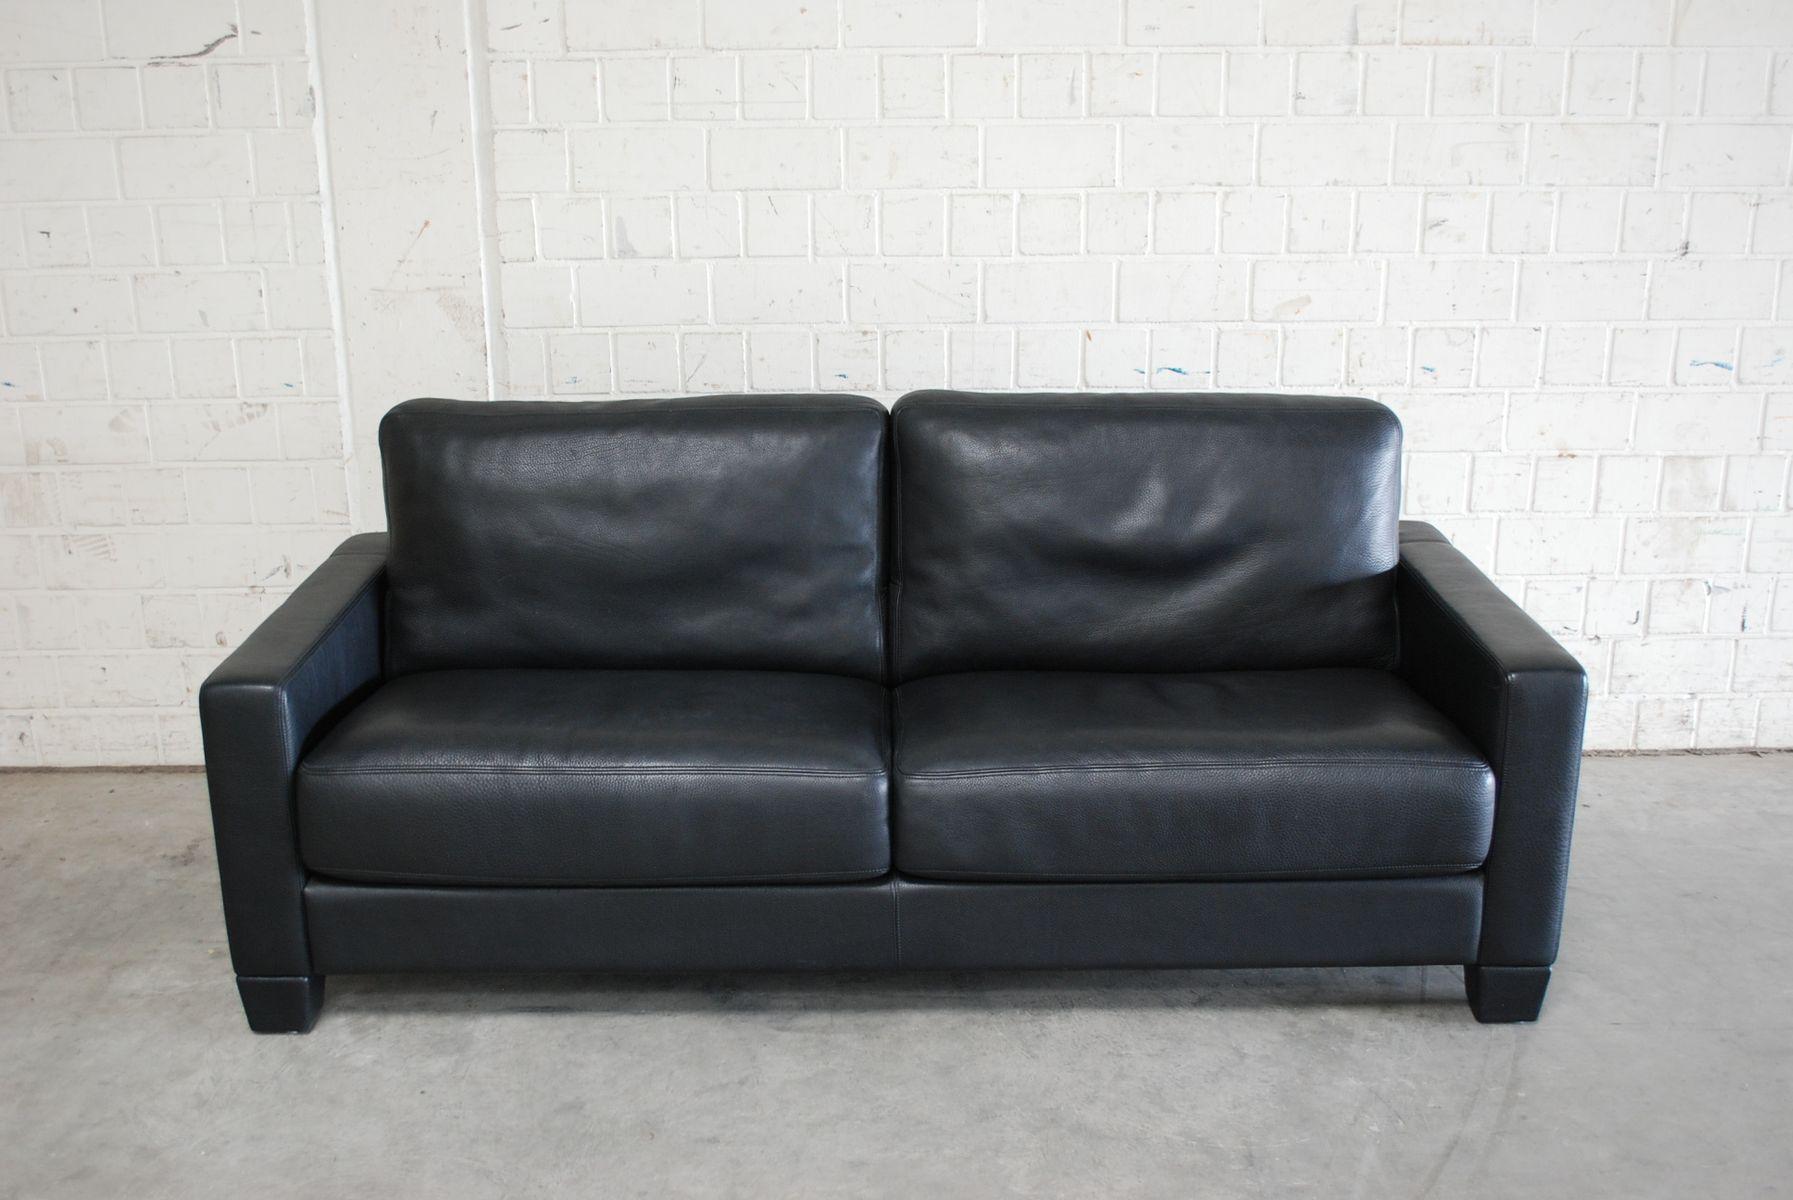 schwarzes schweizer vintage ds 17 ledersofa von de sede. Black Bedroom Furniture Sets. Home Design Ideas